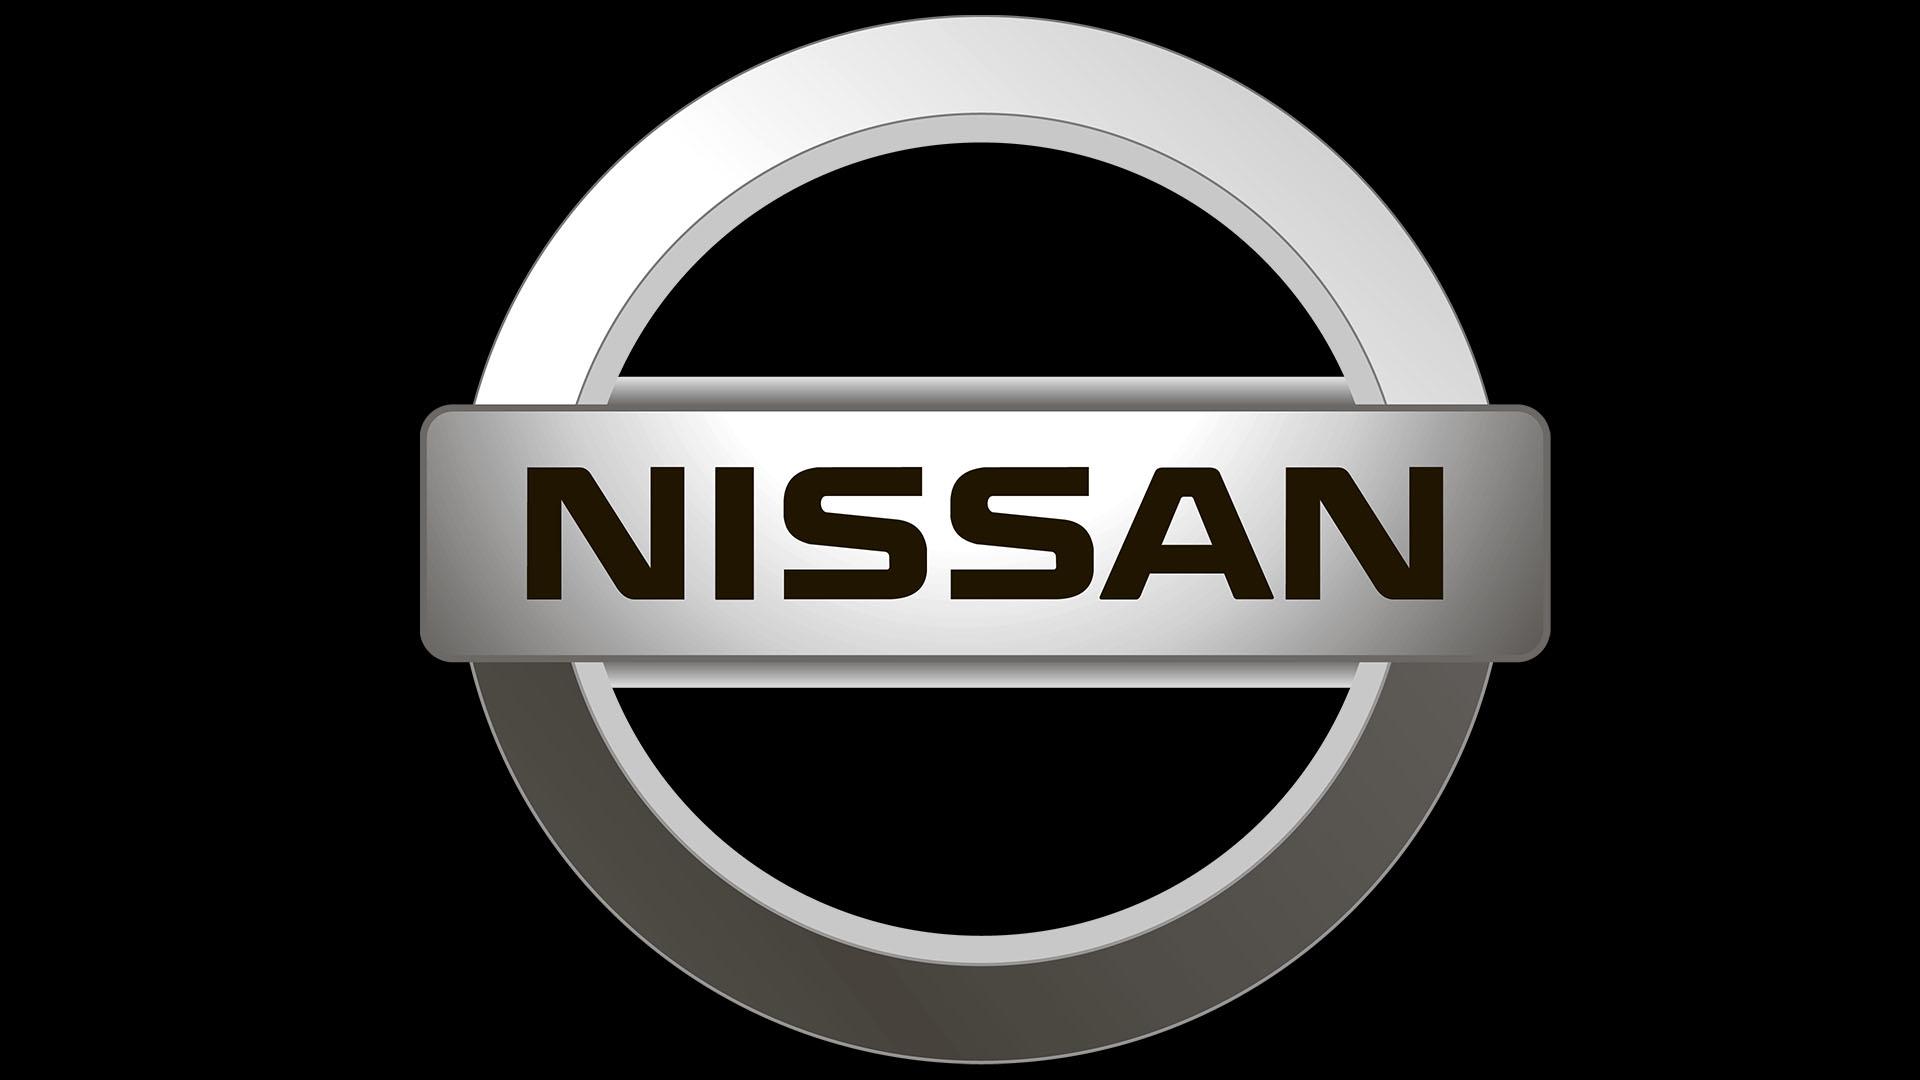 Nissan Müşteri Hizmetleri Telefon Numarası İletişim